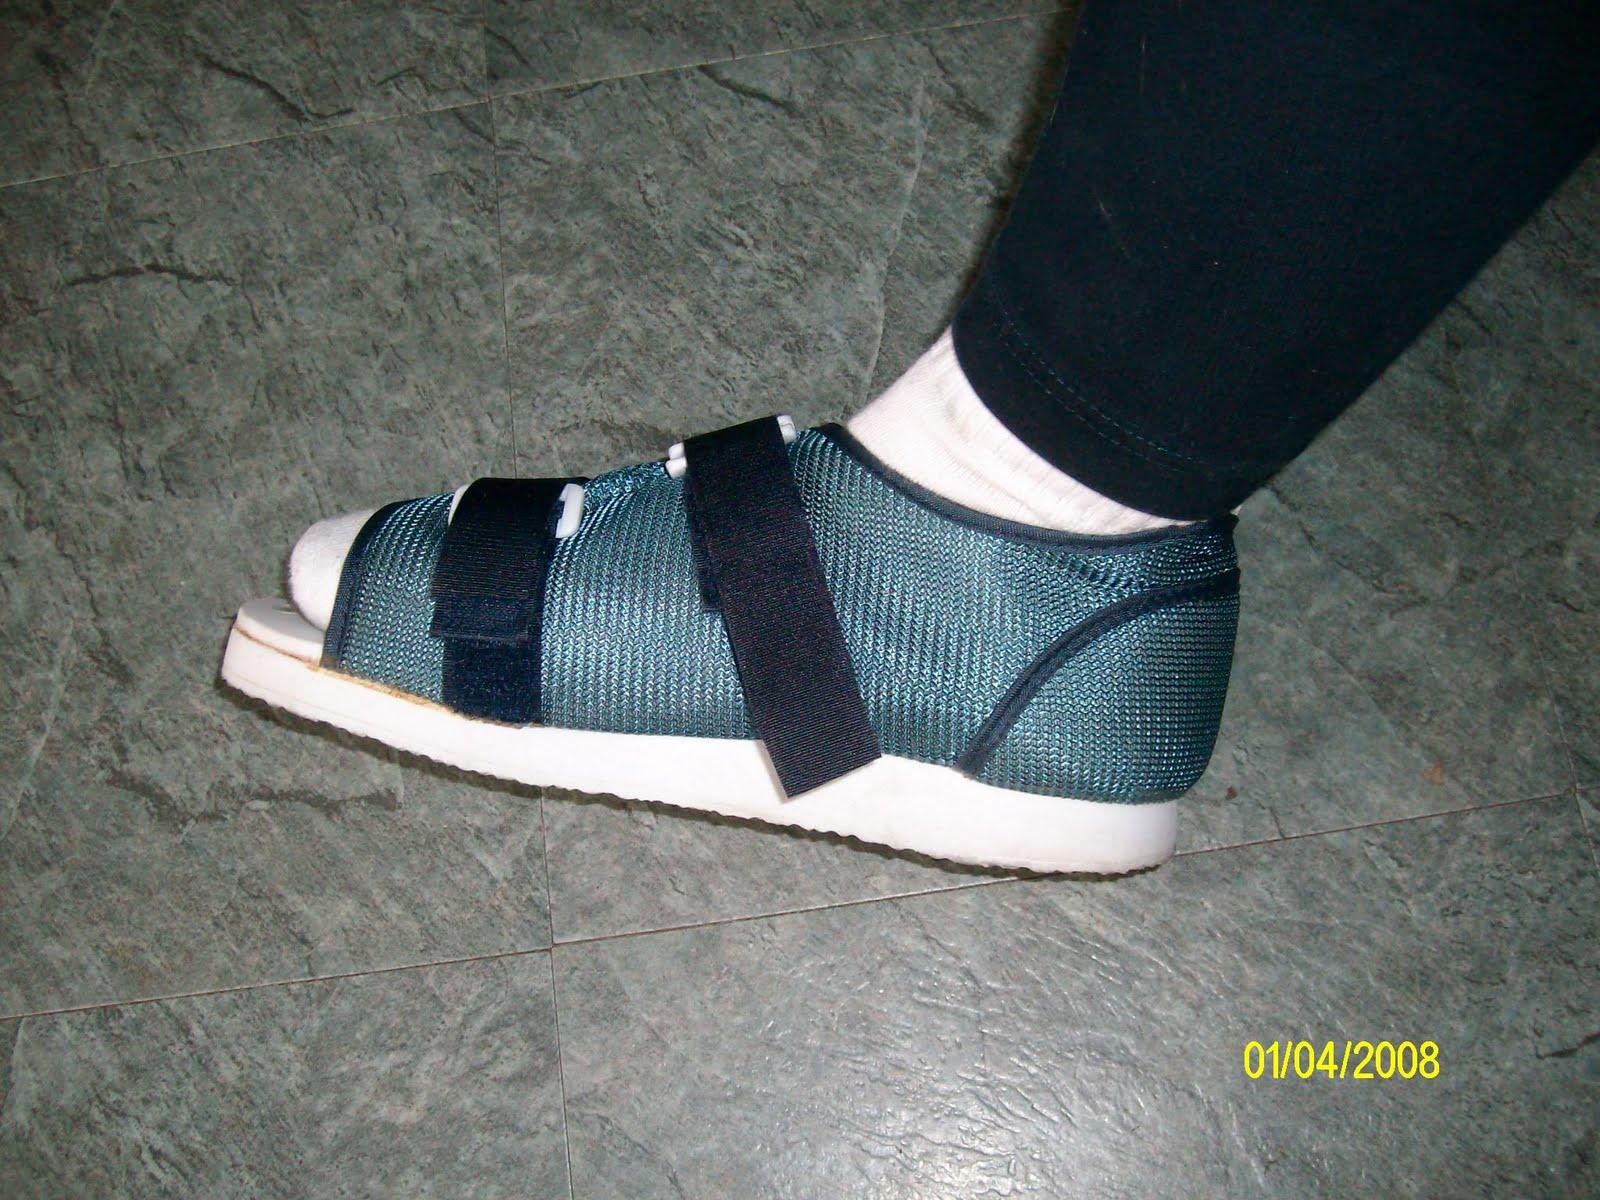 Ortho Shoe For Broken Toe